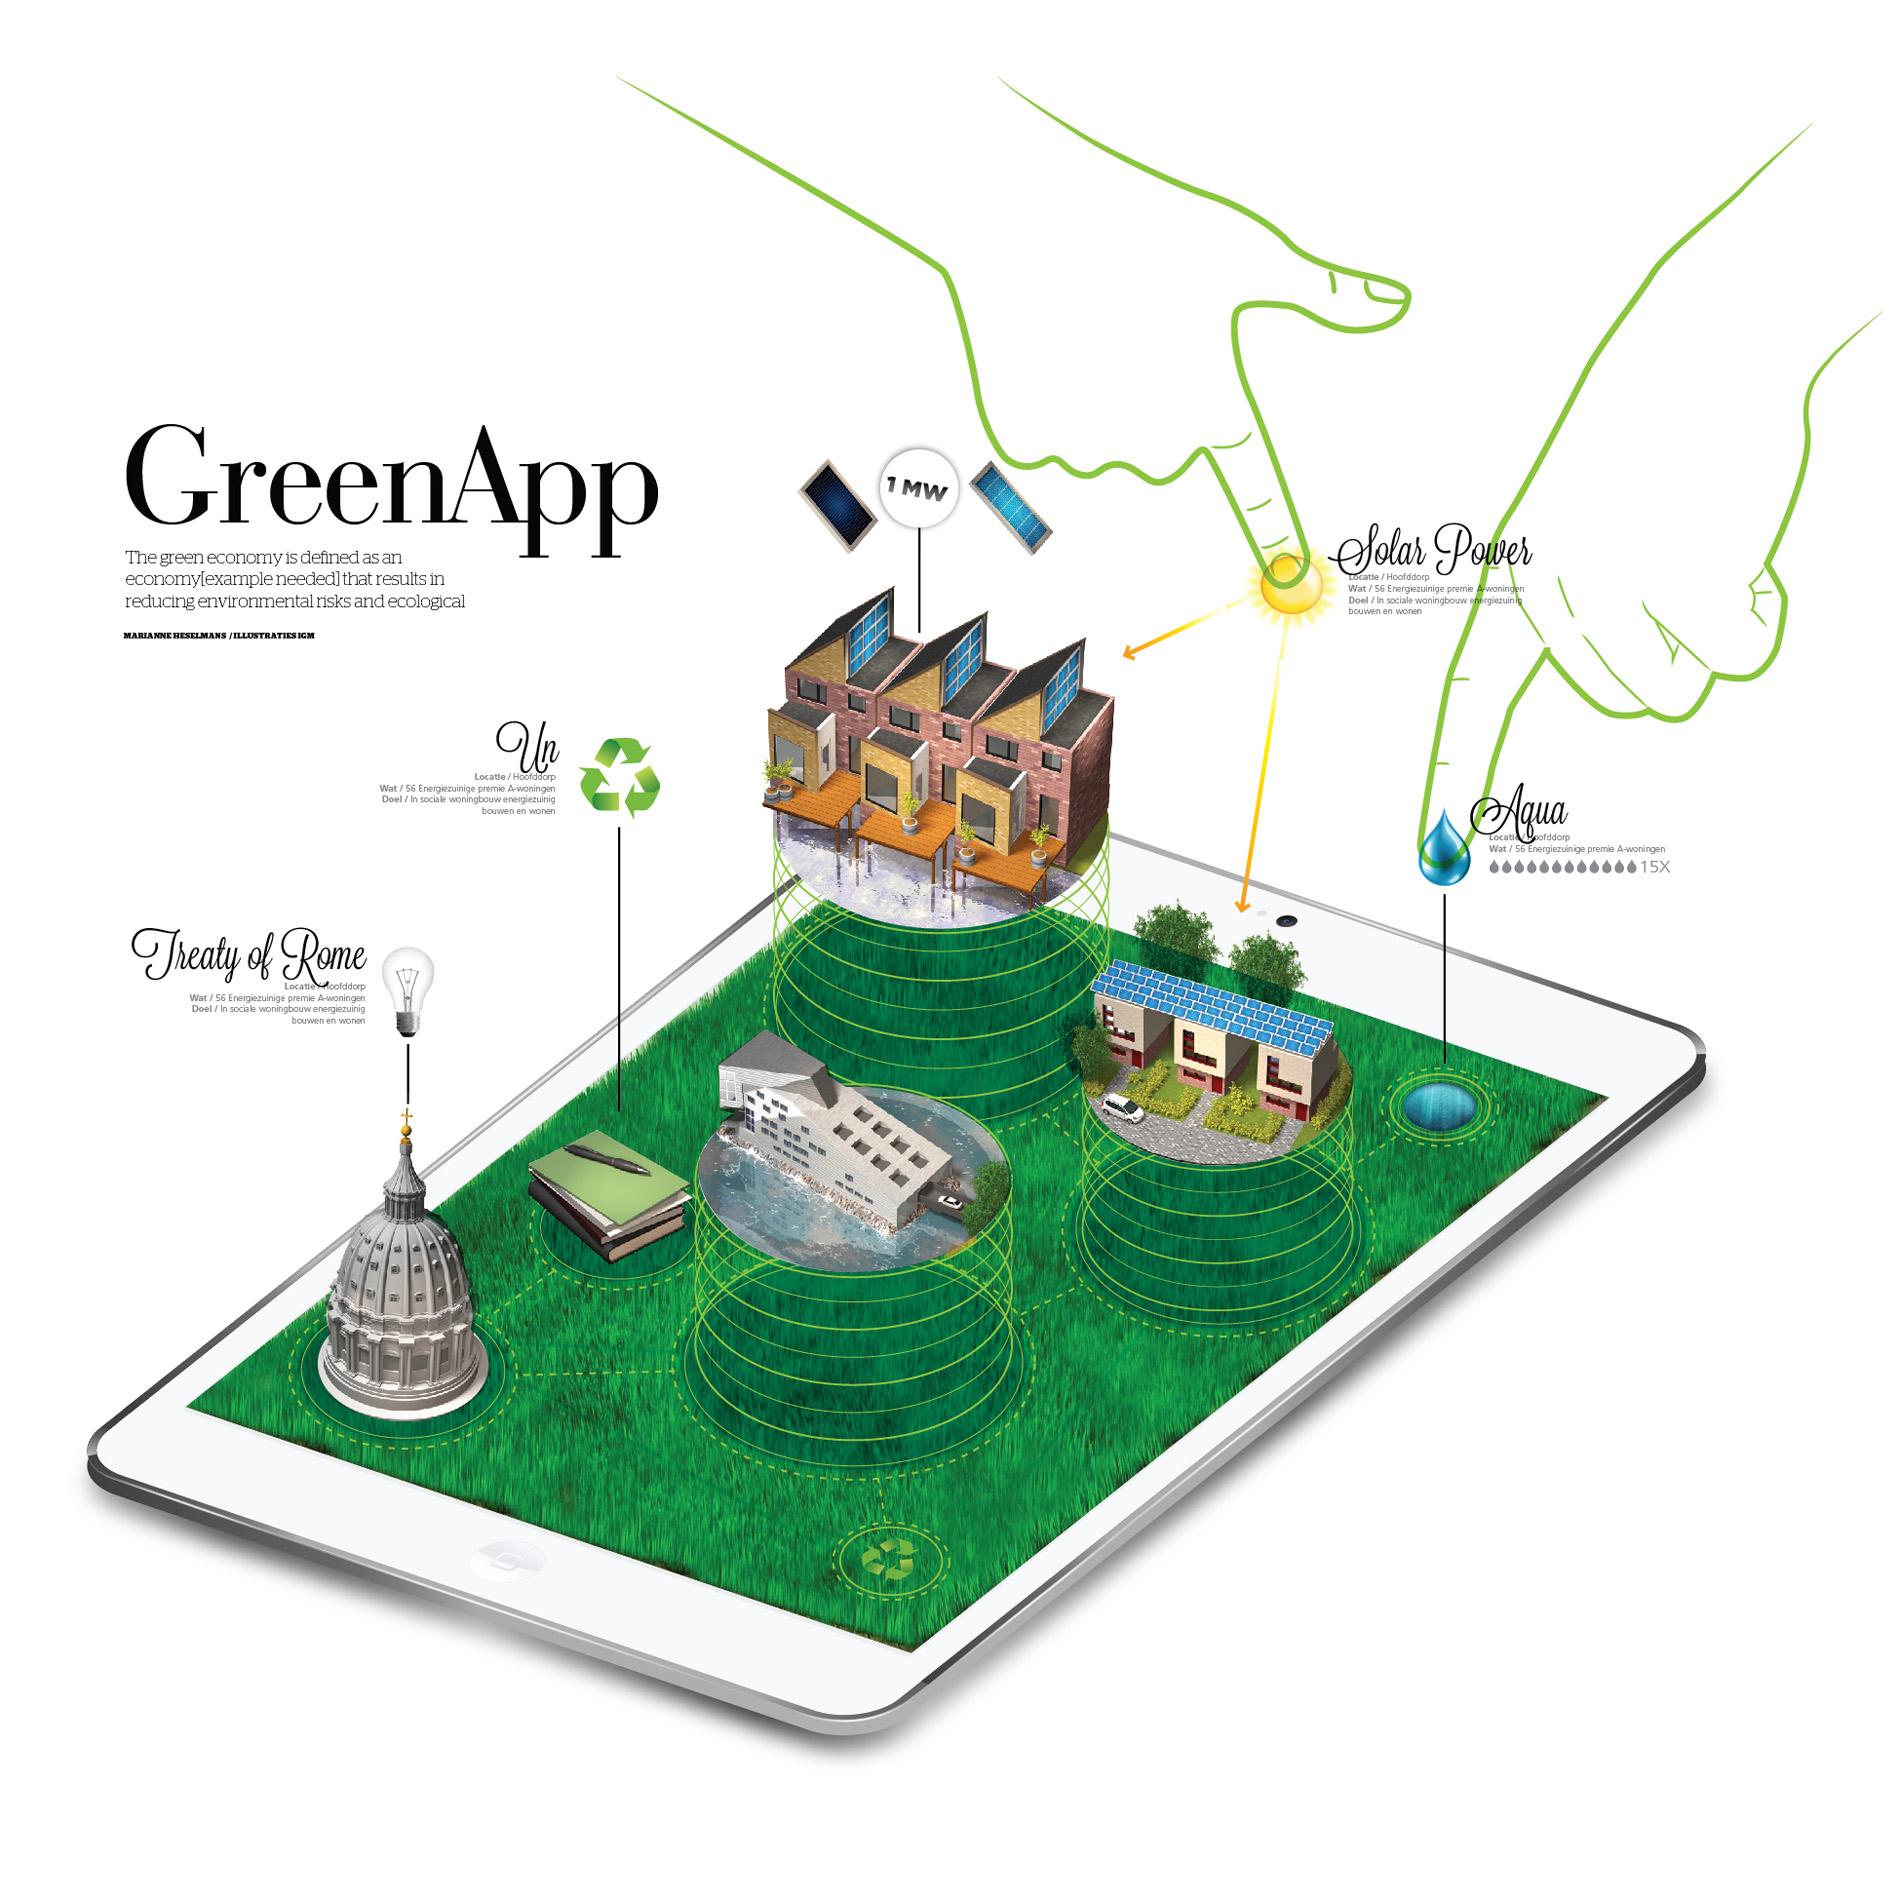 GreenApp